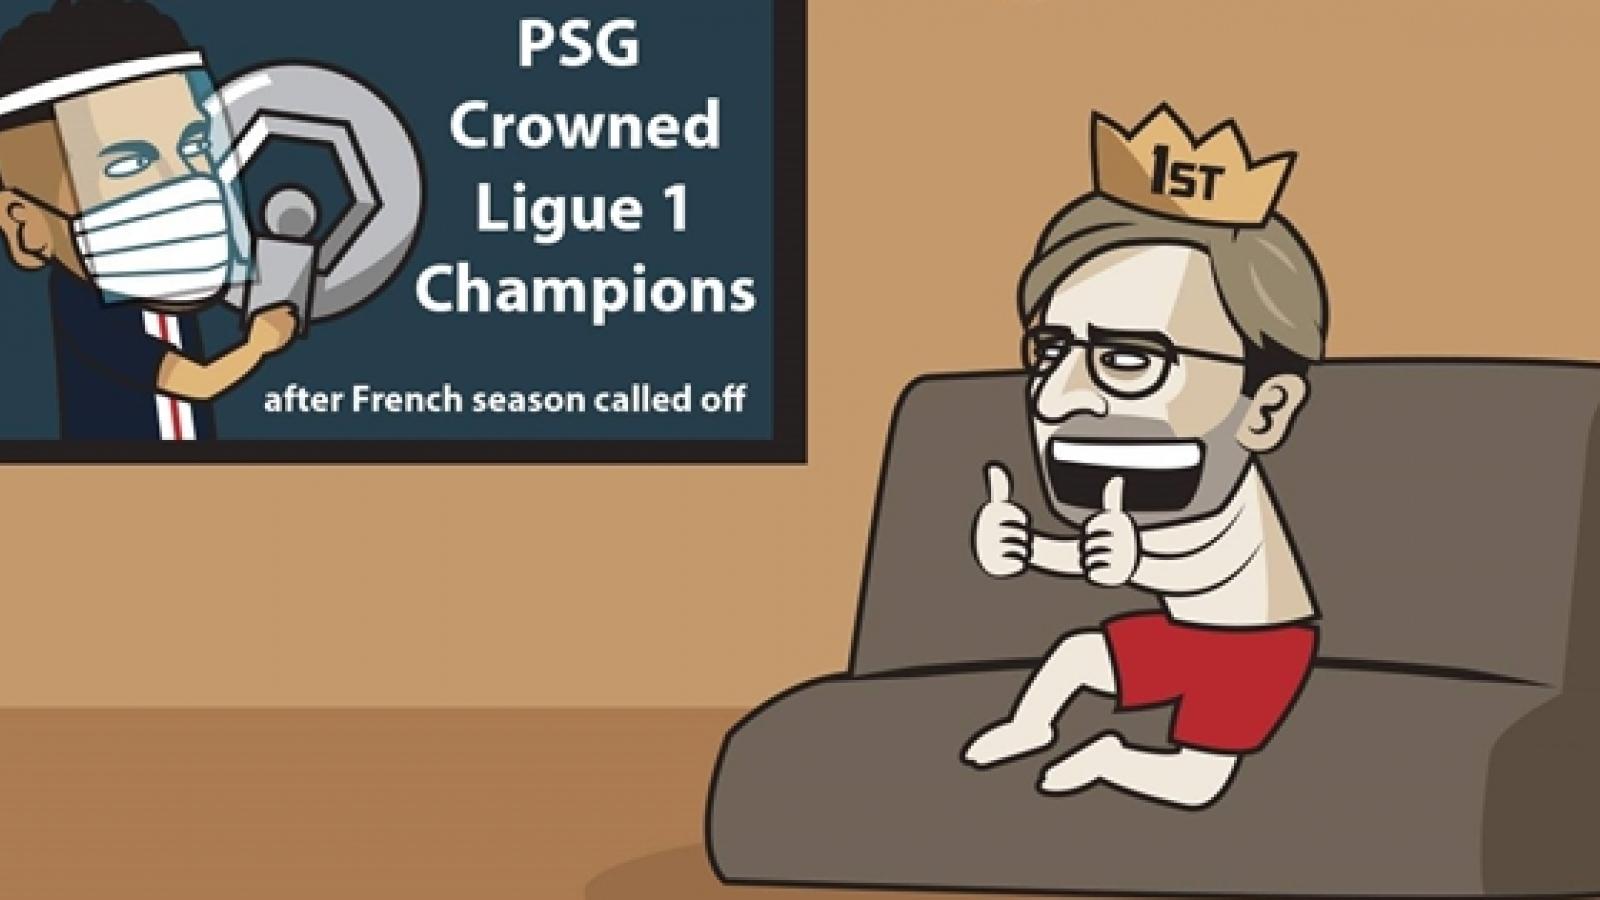 Biếm họa 24h: Liverpool mừng thầm khi PSG vô địch Ligue 1